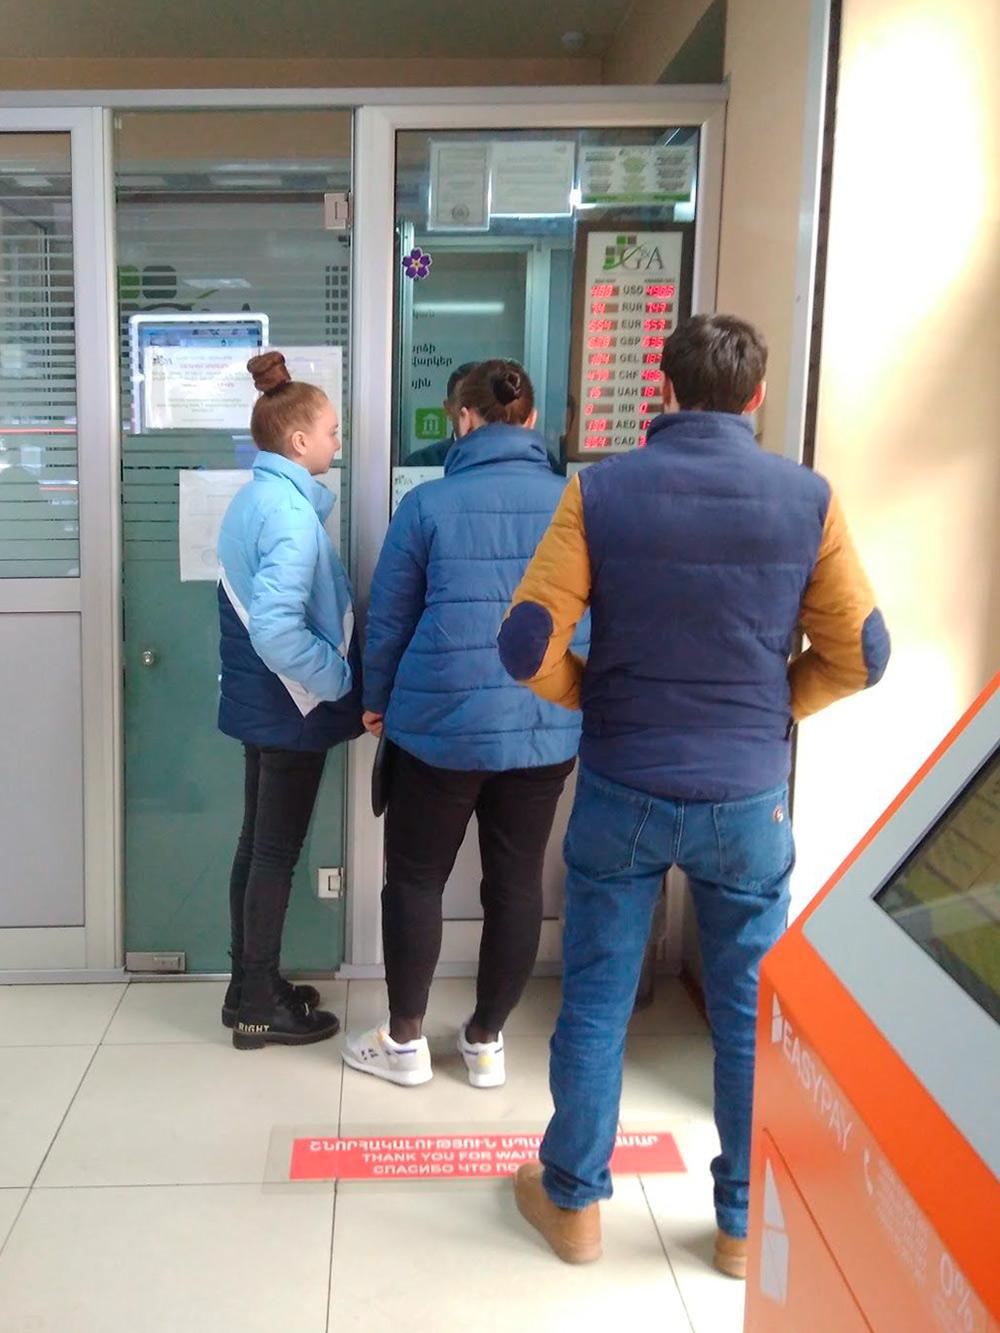 Обменники в Ереване можно найти почти в каждом супермаркете на входе. Меняют рубли, лари, доллары, евро и другую валюту